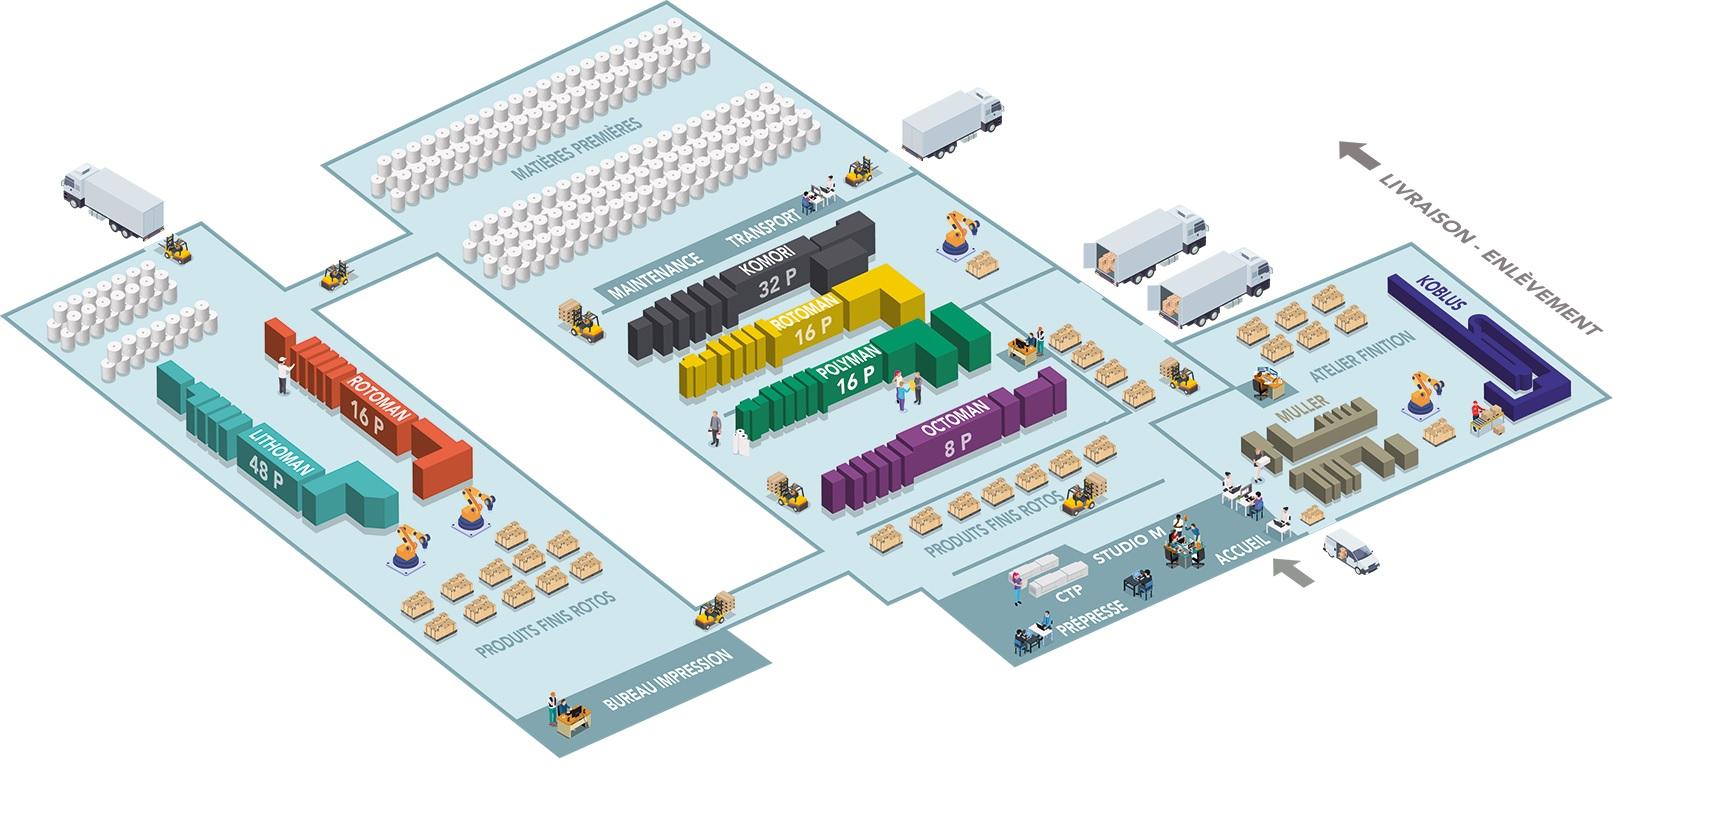 Découvrez l'imprimerie Mordacq à travers 4 pôles d'activité. Cliquez sur chacun d'eux pour plus de détails